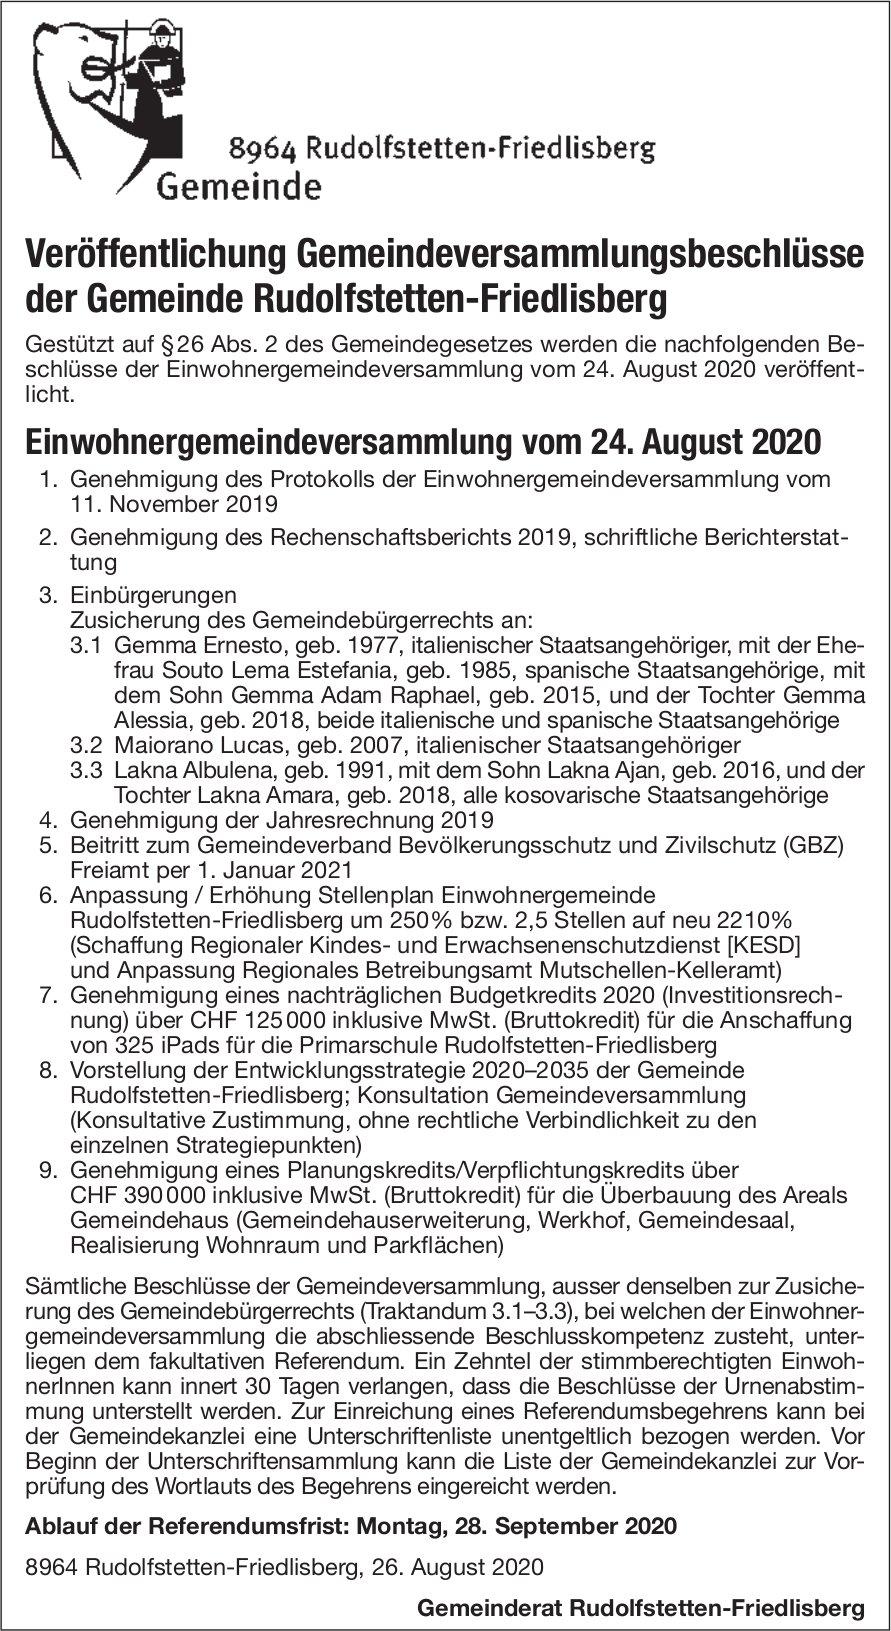 Gemeinde Rudolfstetten-Friedlisberg,  Freiamt - Veröffentlichung Gemeindeversammlungsbeschlüsse der Gemeinde Rudolfstetten-Friedlisberg